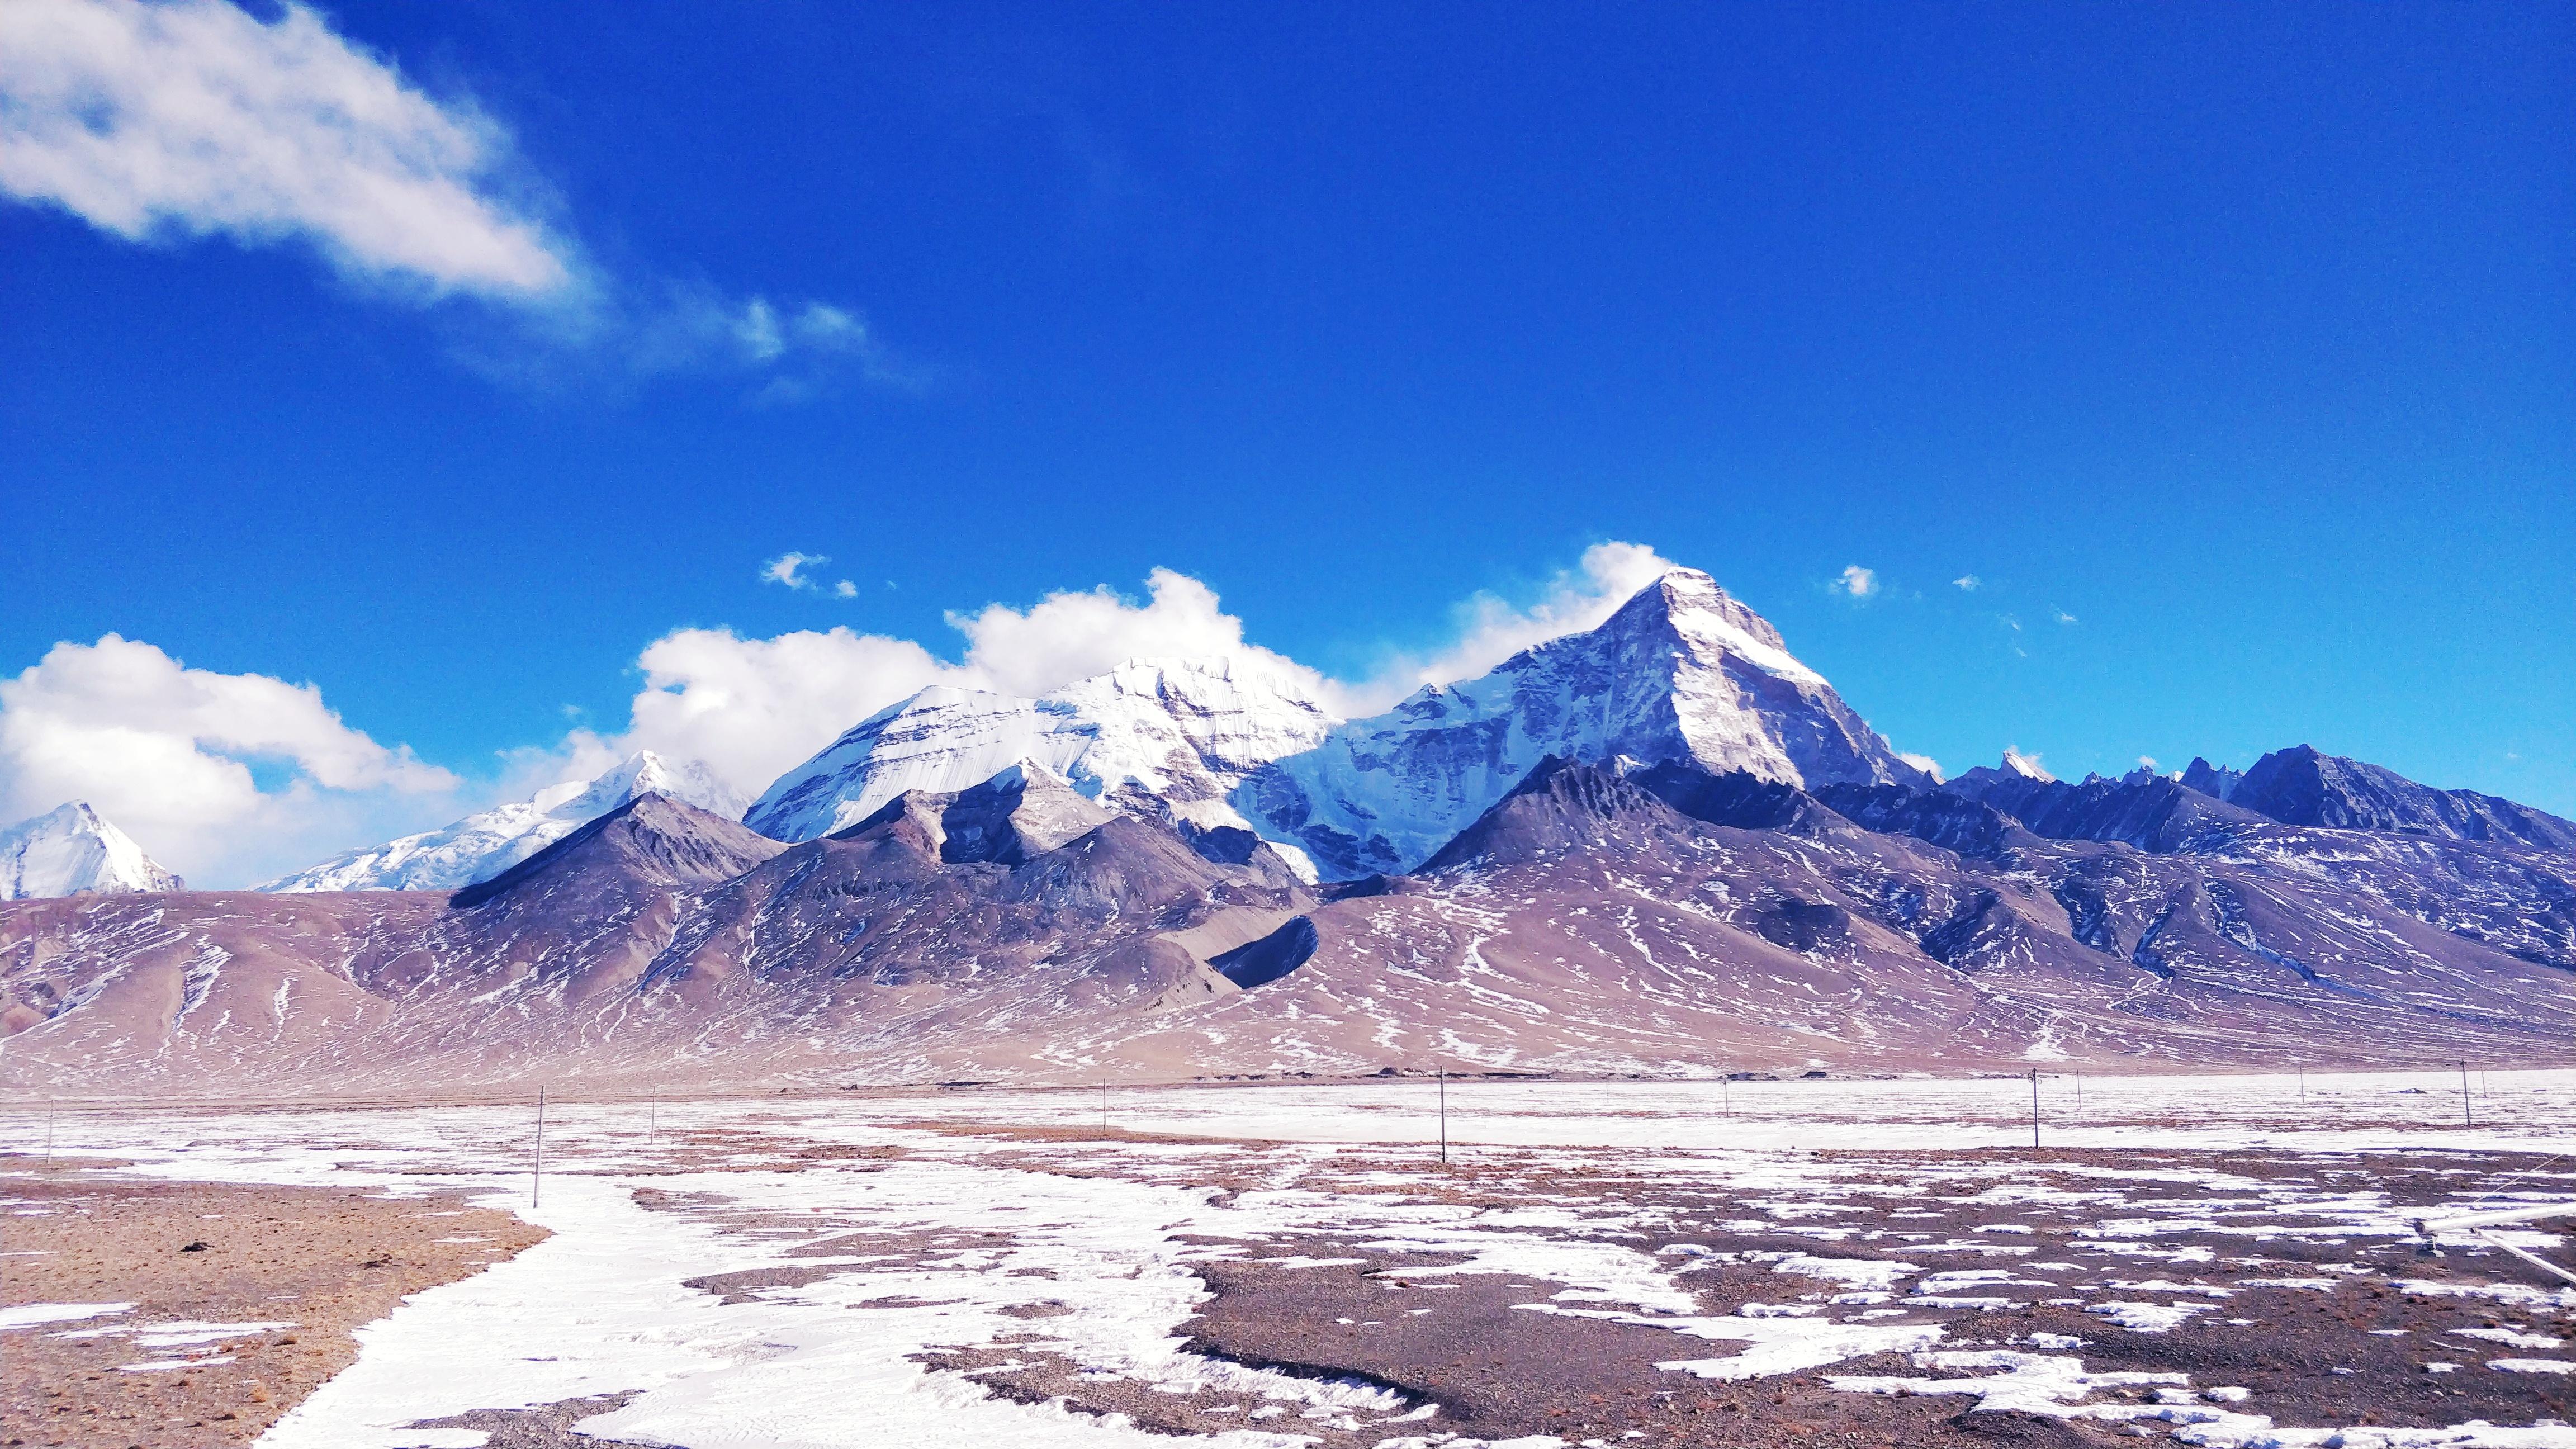 雪景27.jpg